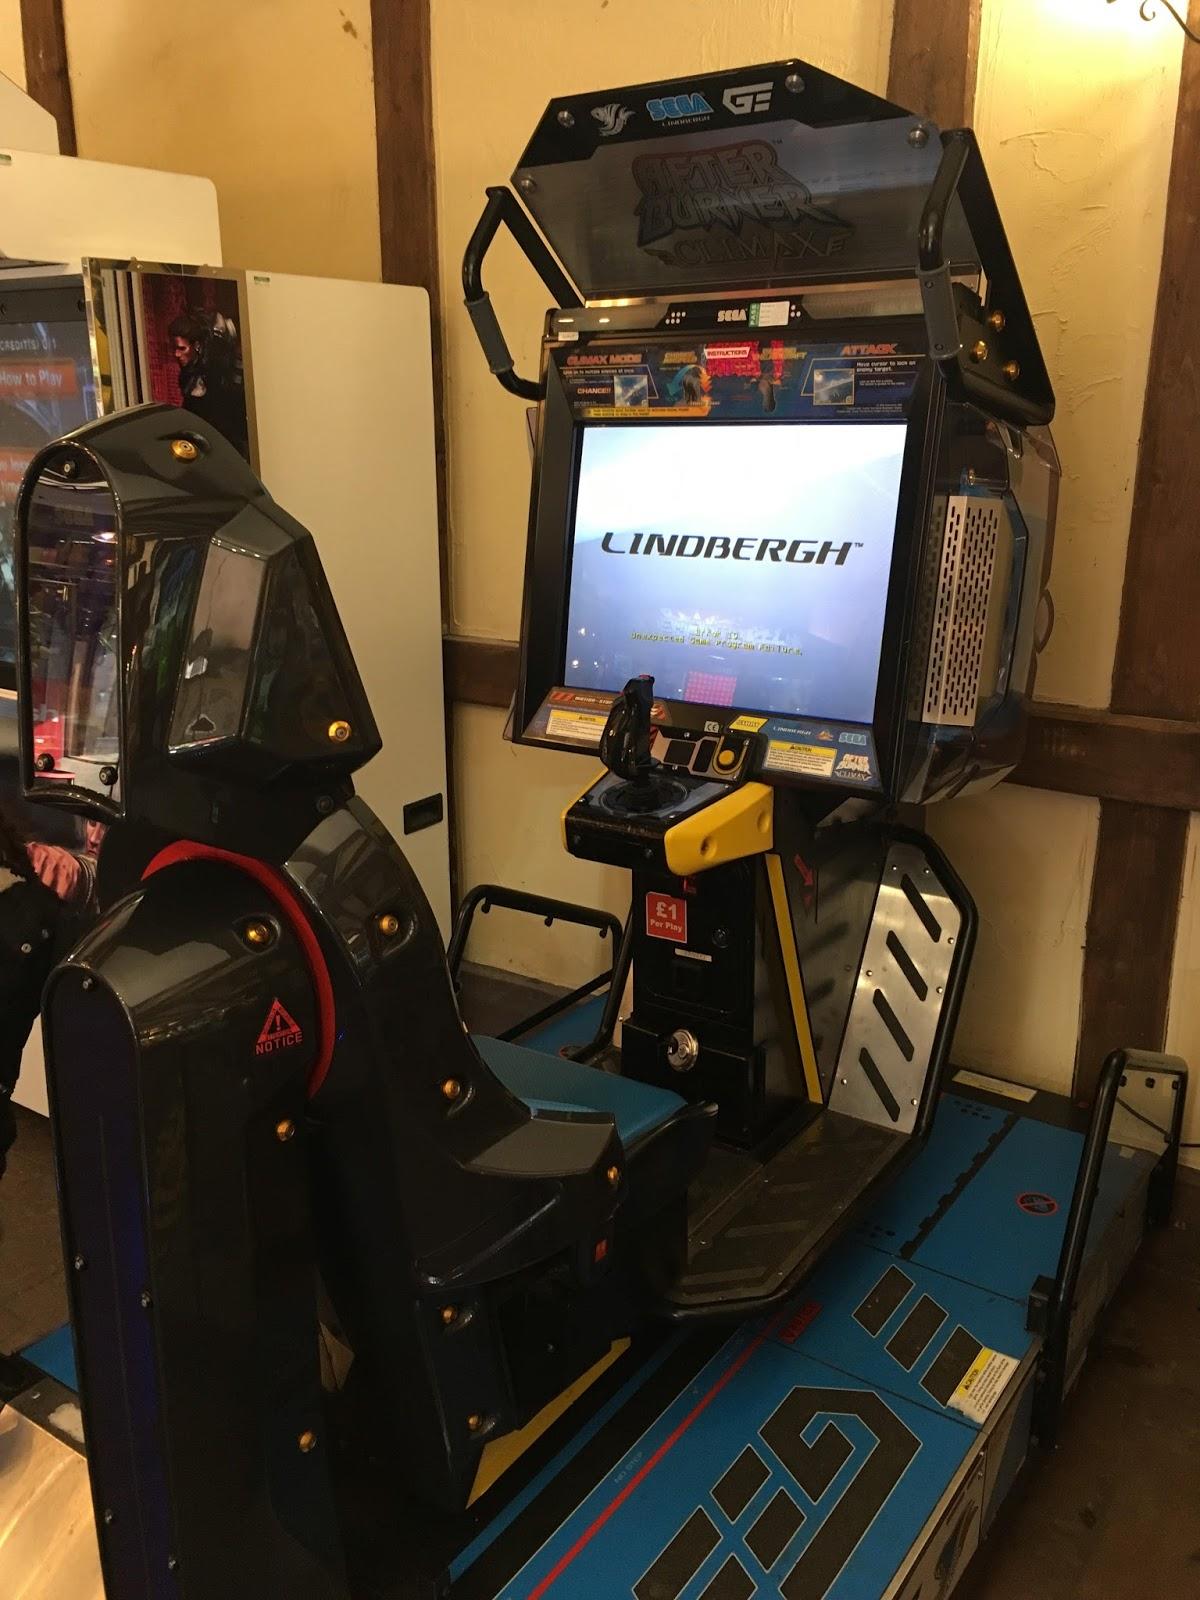 ☆ An Alton Towers Arcade Games Surprise ☆ #Arcade   Games